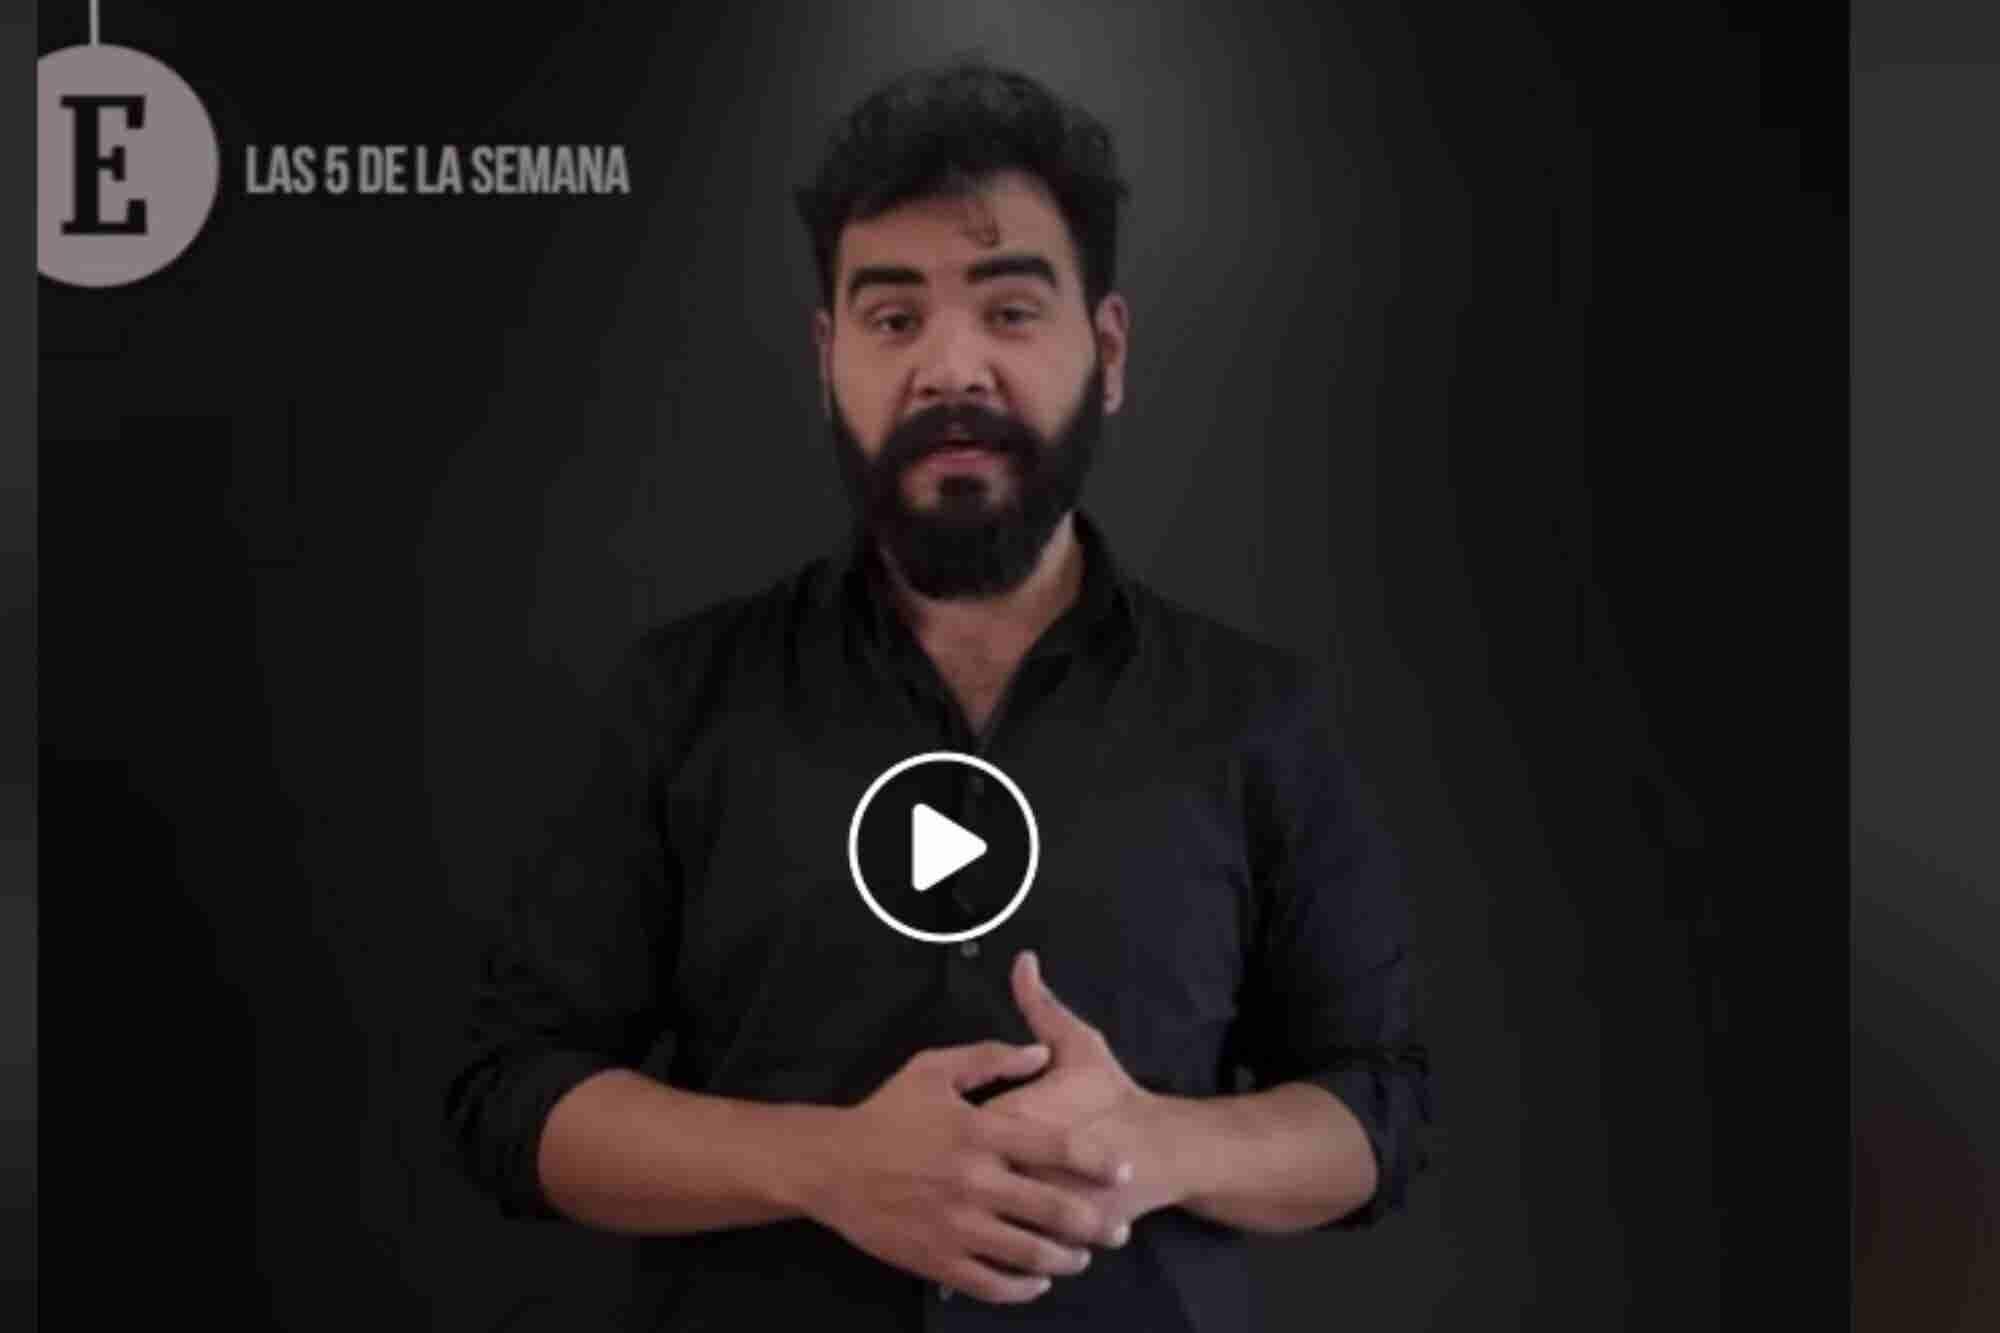 Video: ¡Las 5 noticias más importantes de la semana!